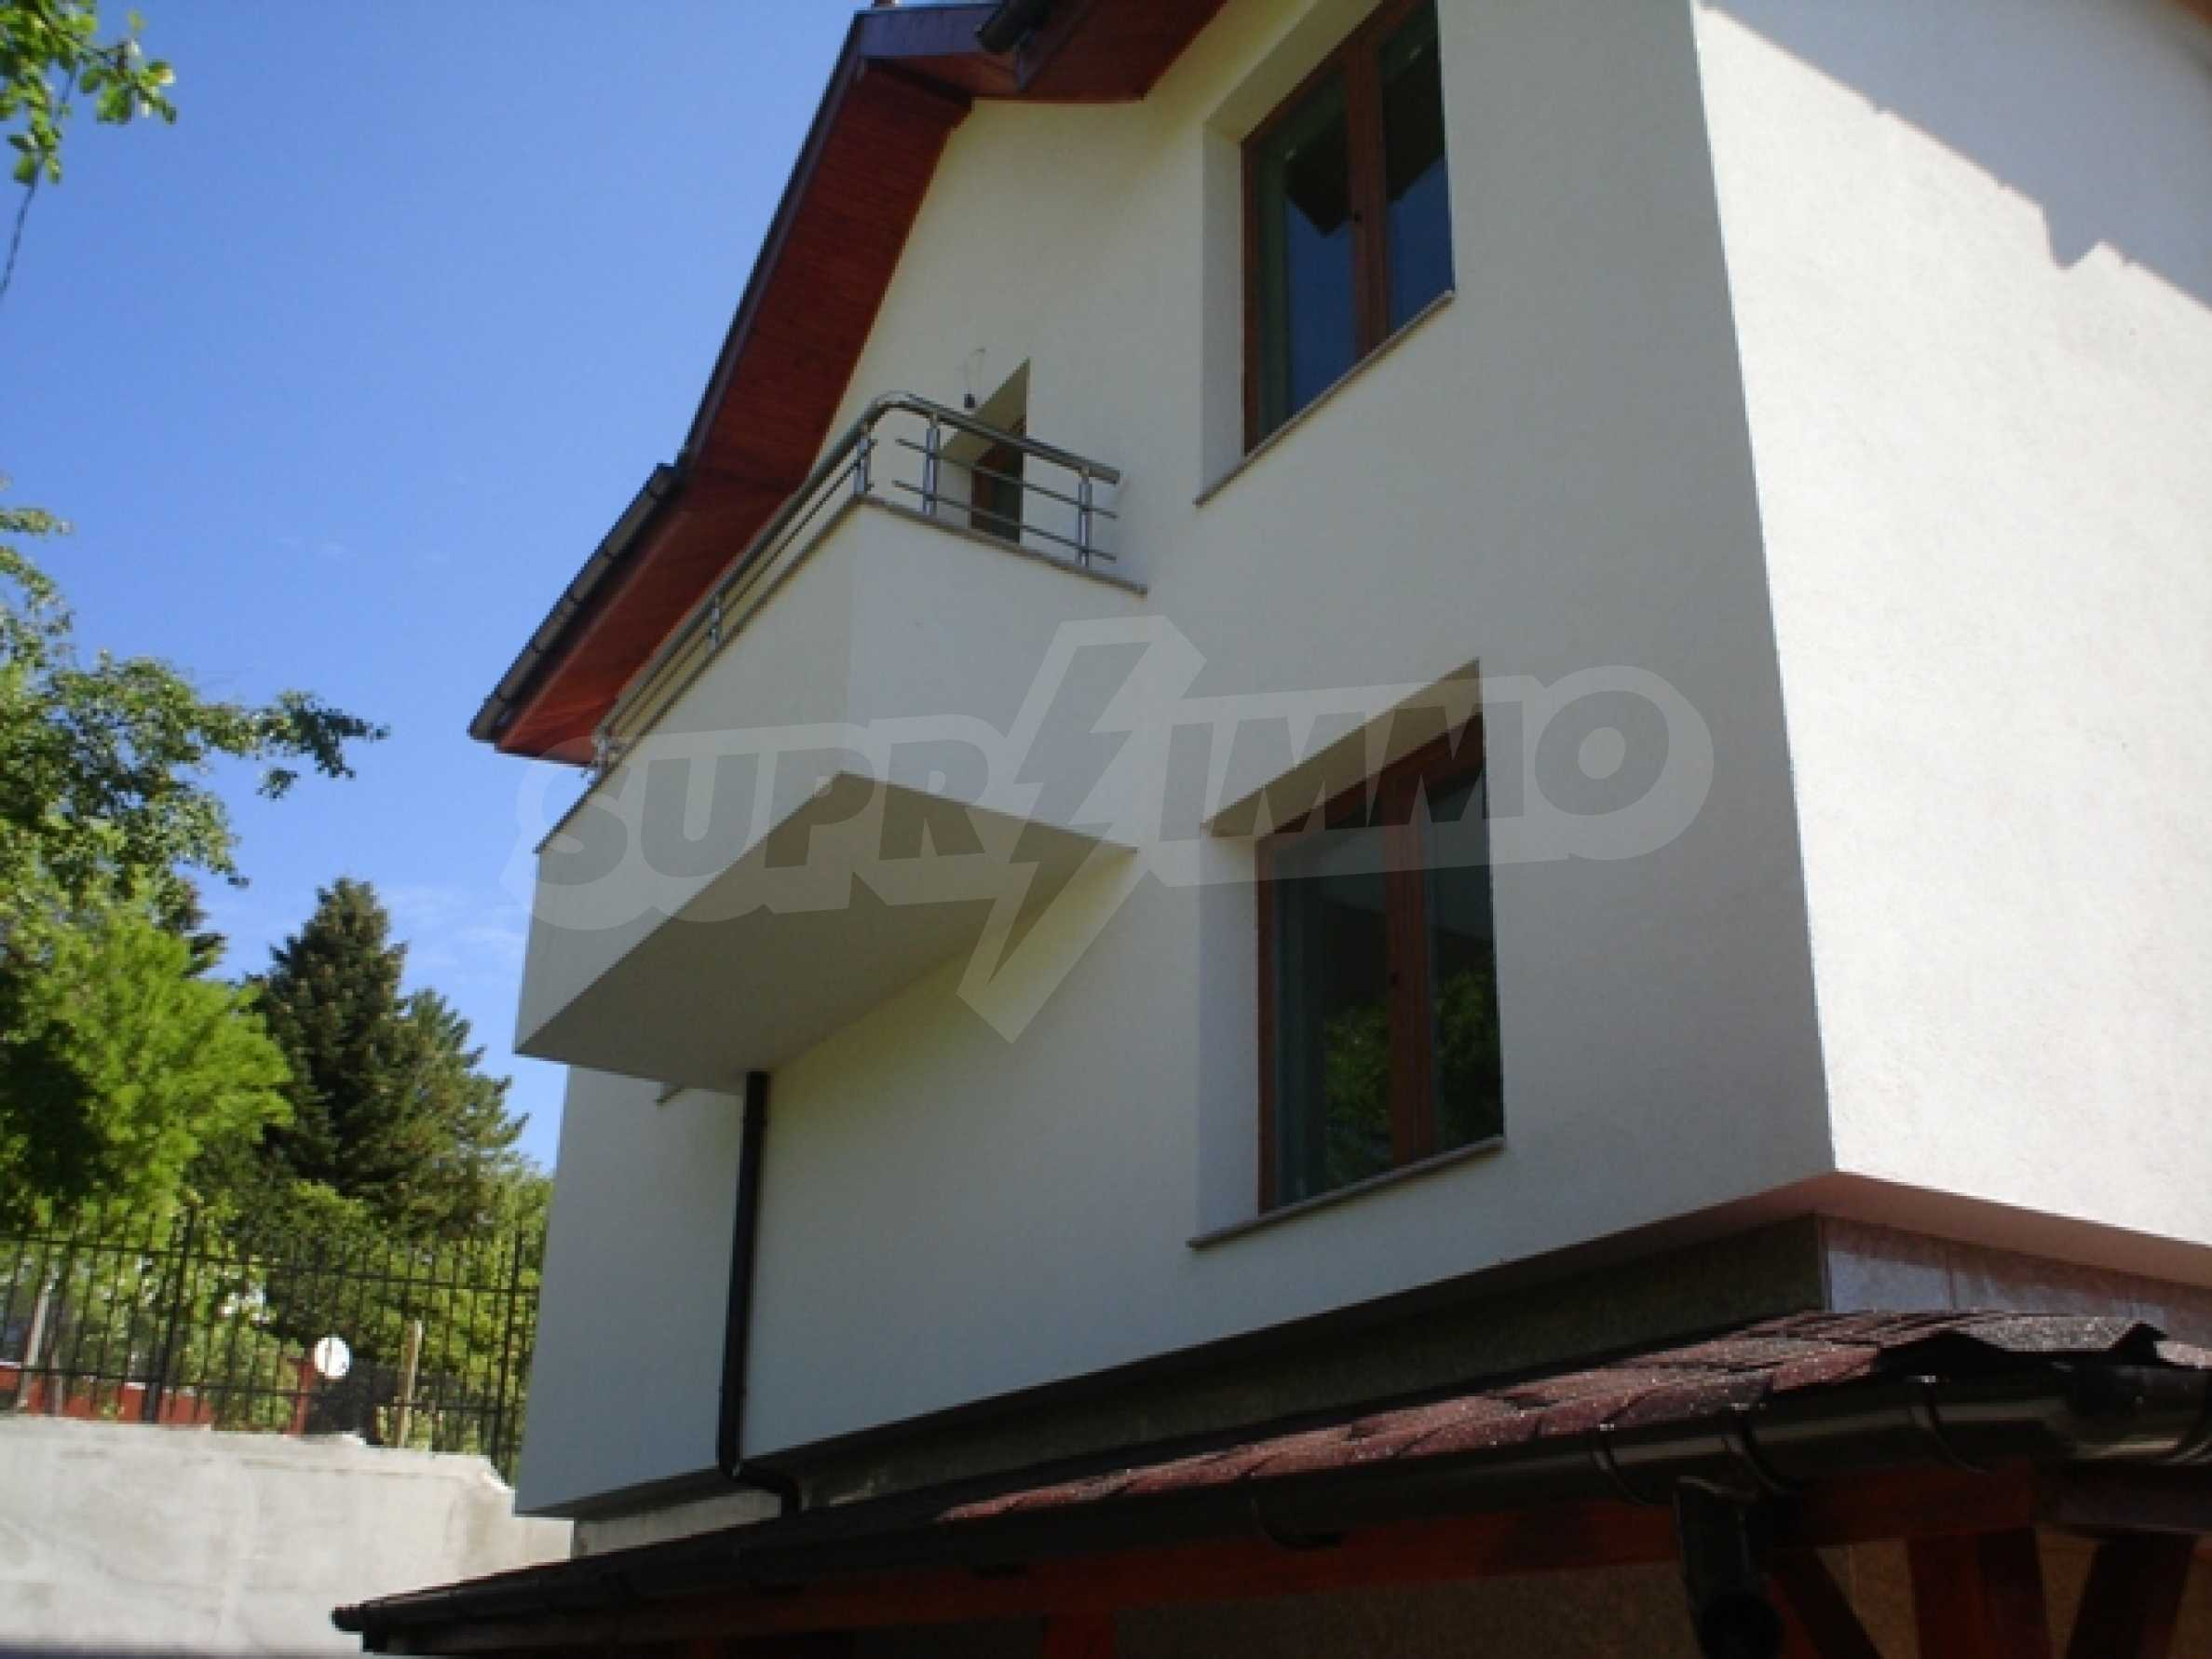 Haus mit zwei Türmen 3